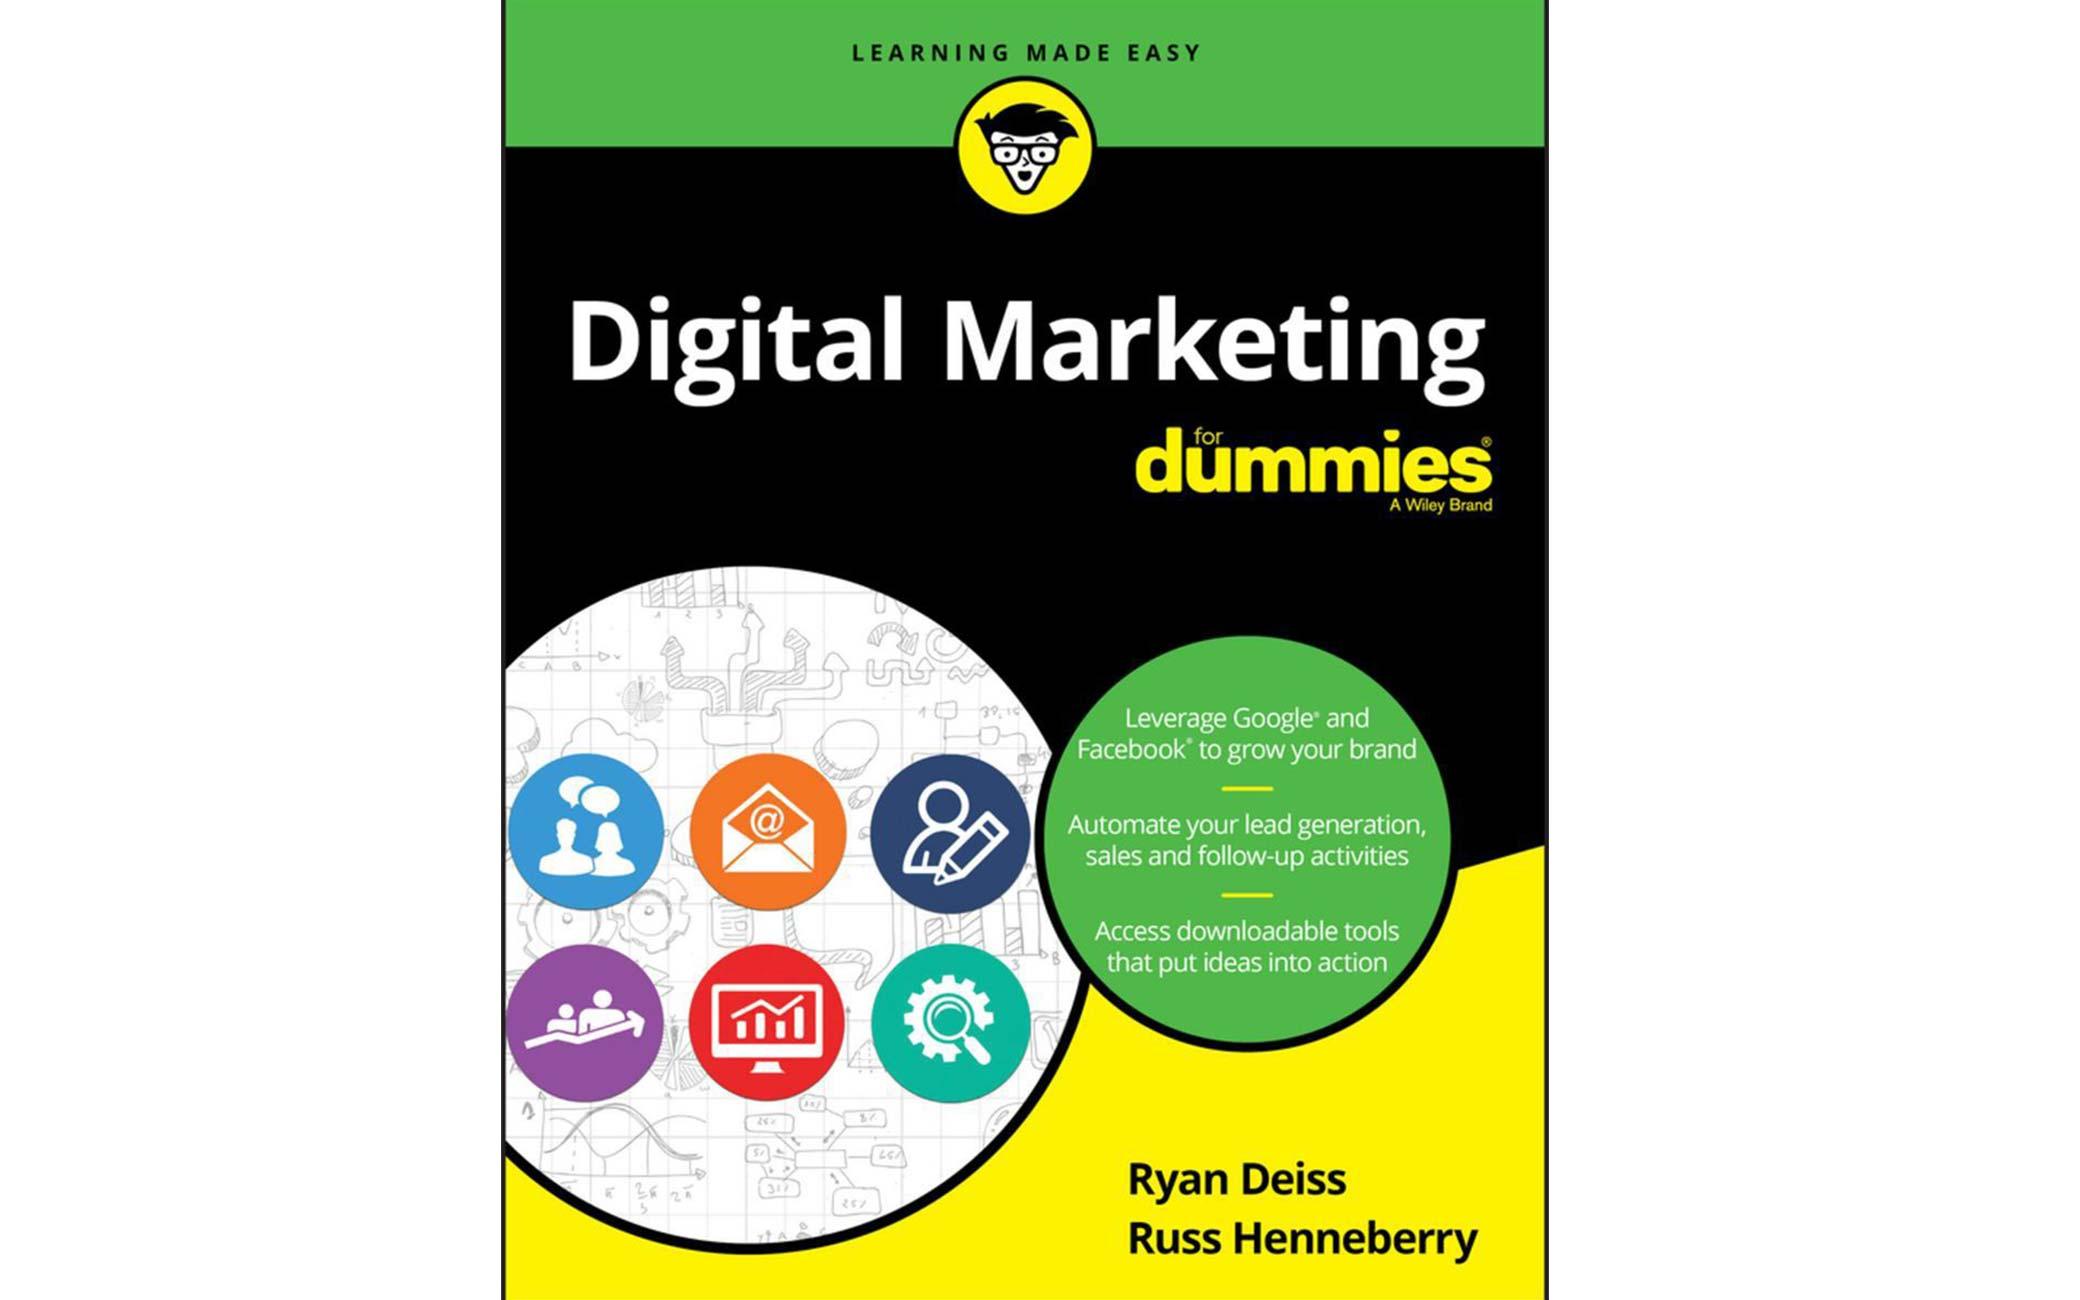 آموزش دیجیتال مارکتینگ: کتاب Digital marketing for dummies اصول و ابزارها